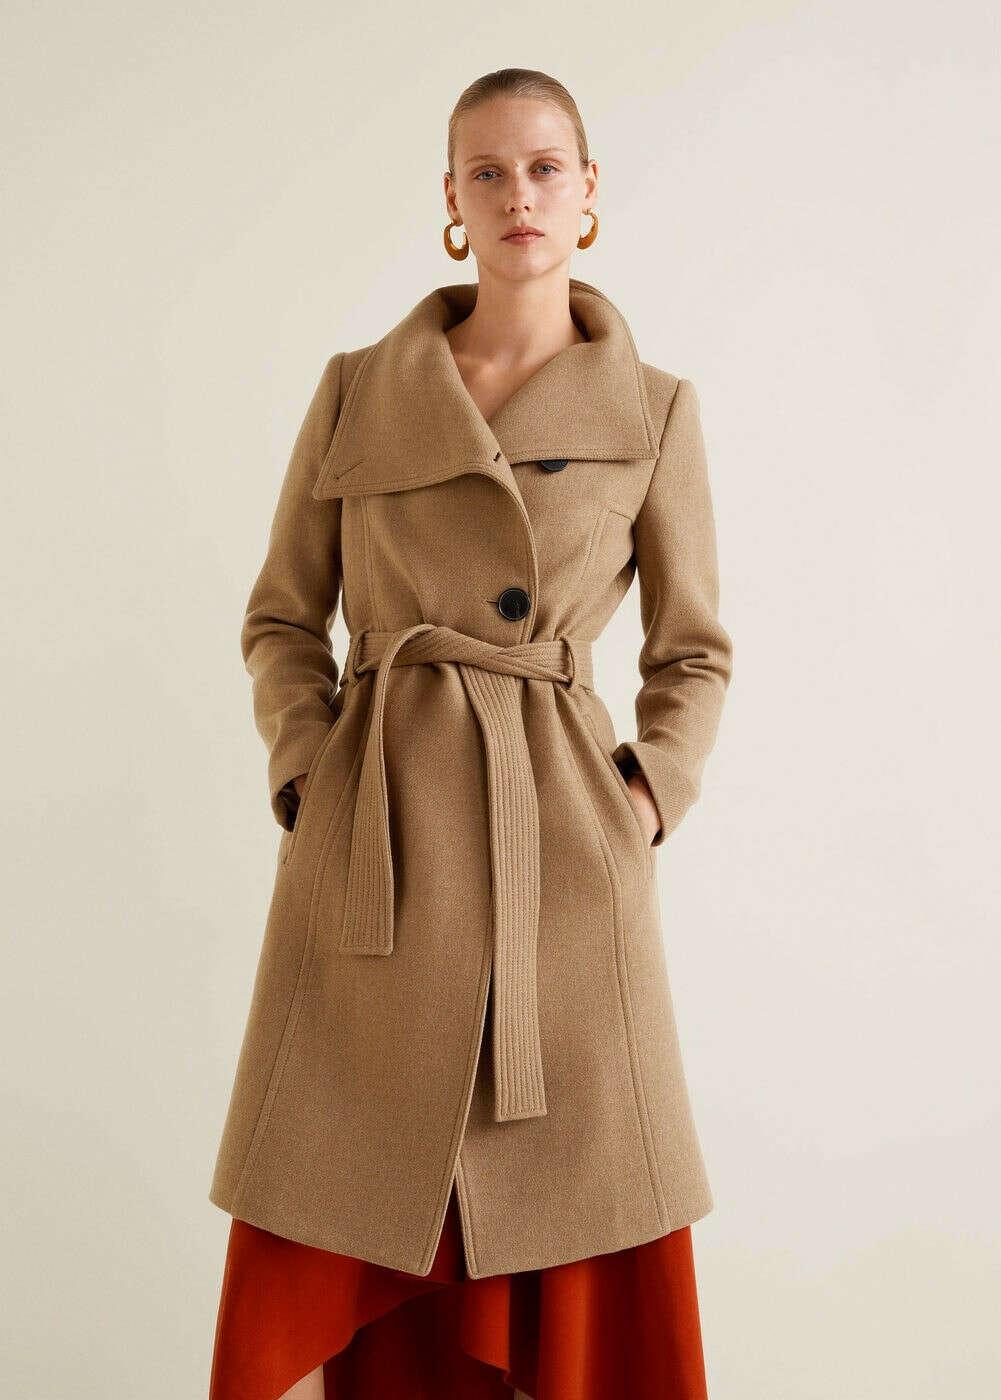 Полушерстяное пальто с поясом - Пальто    - Женская   MANGO МАНГО Россия (Российская Федерация)